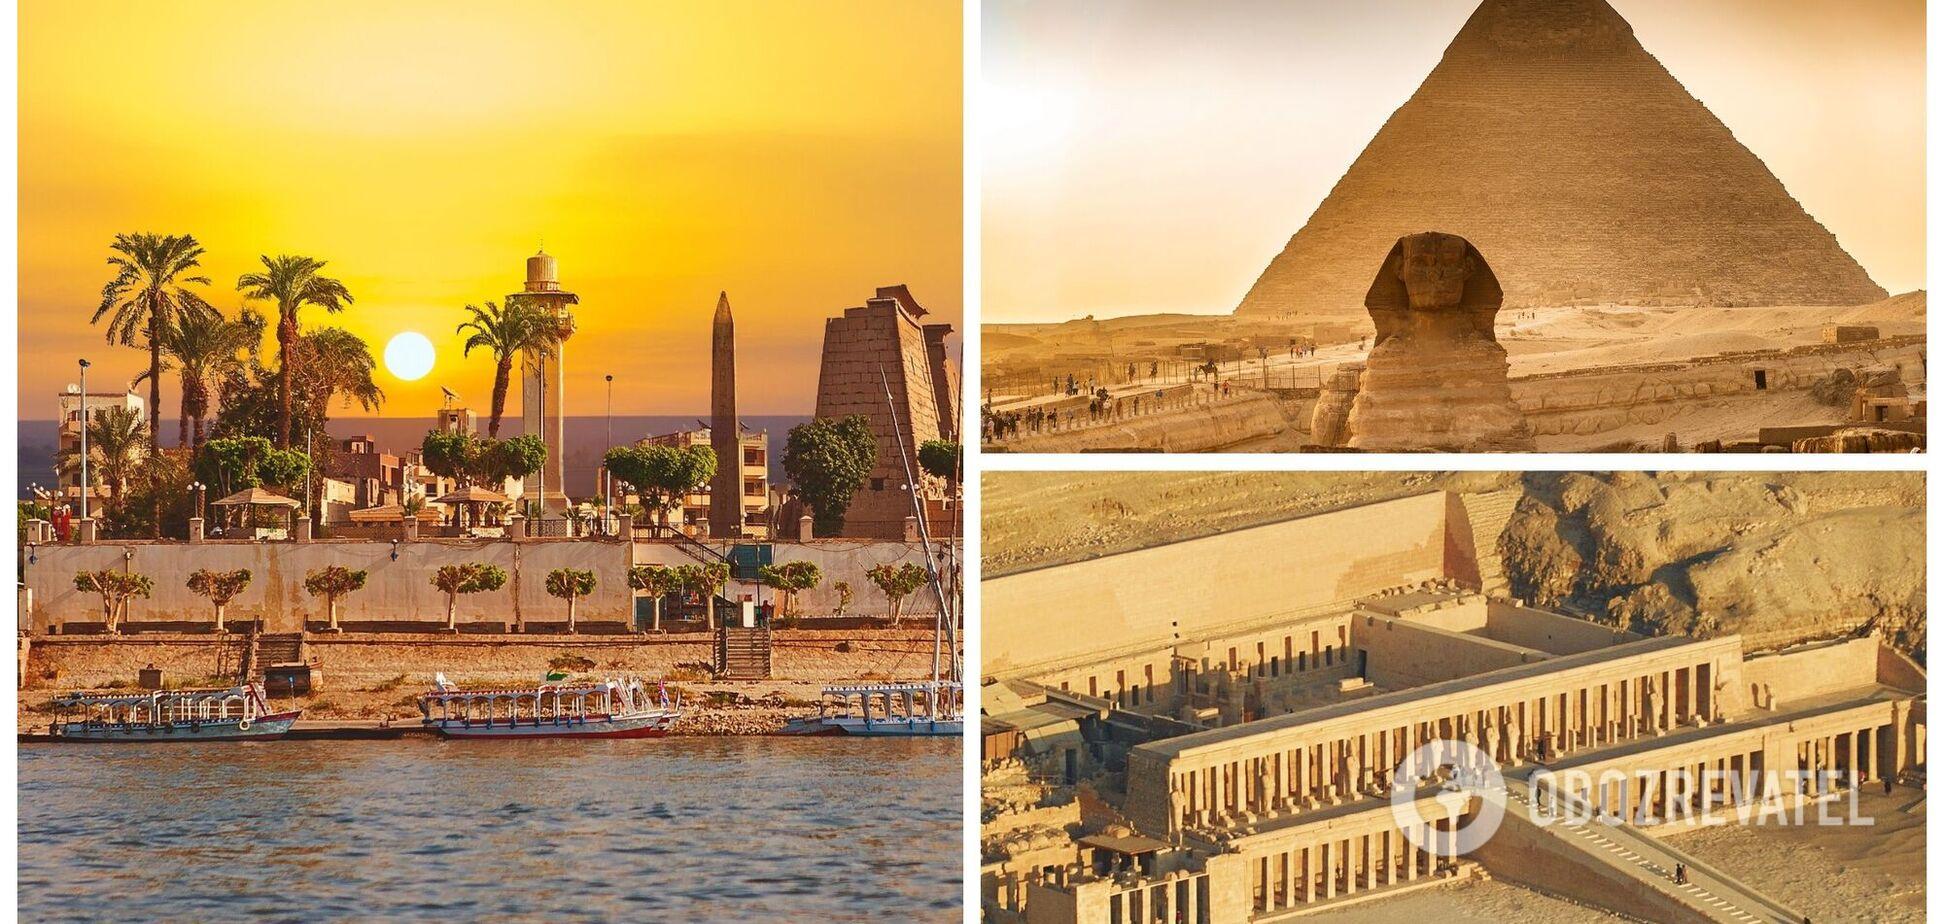 12 найпопулярніших визначних пам'яток Єгипту: гід для туриста